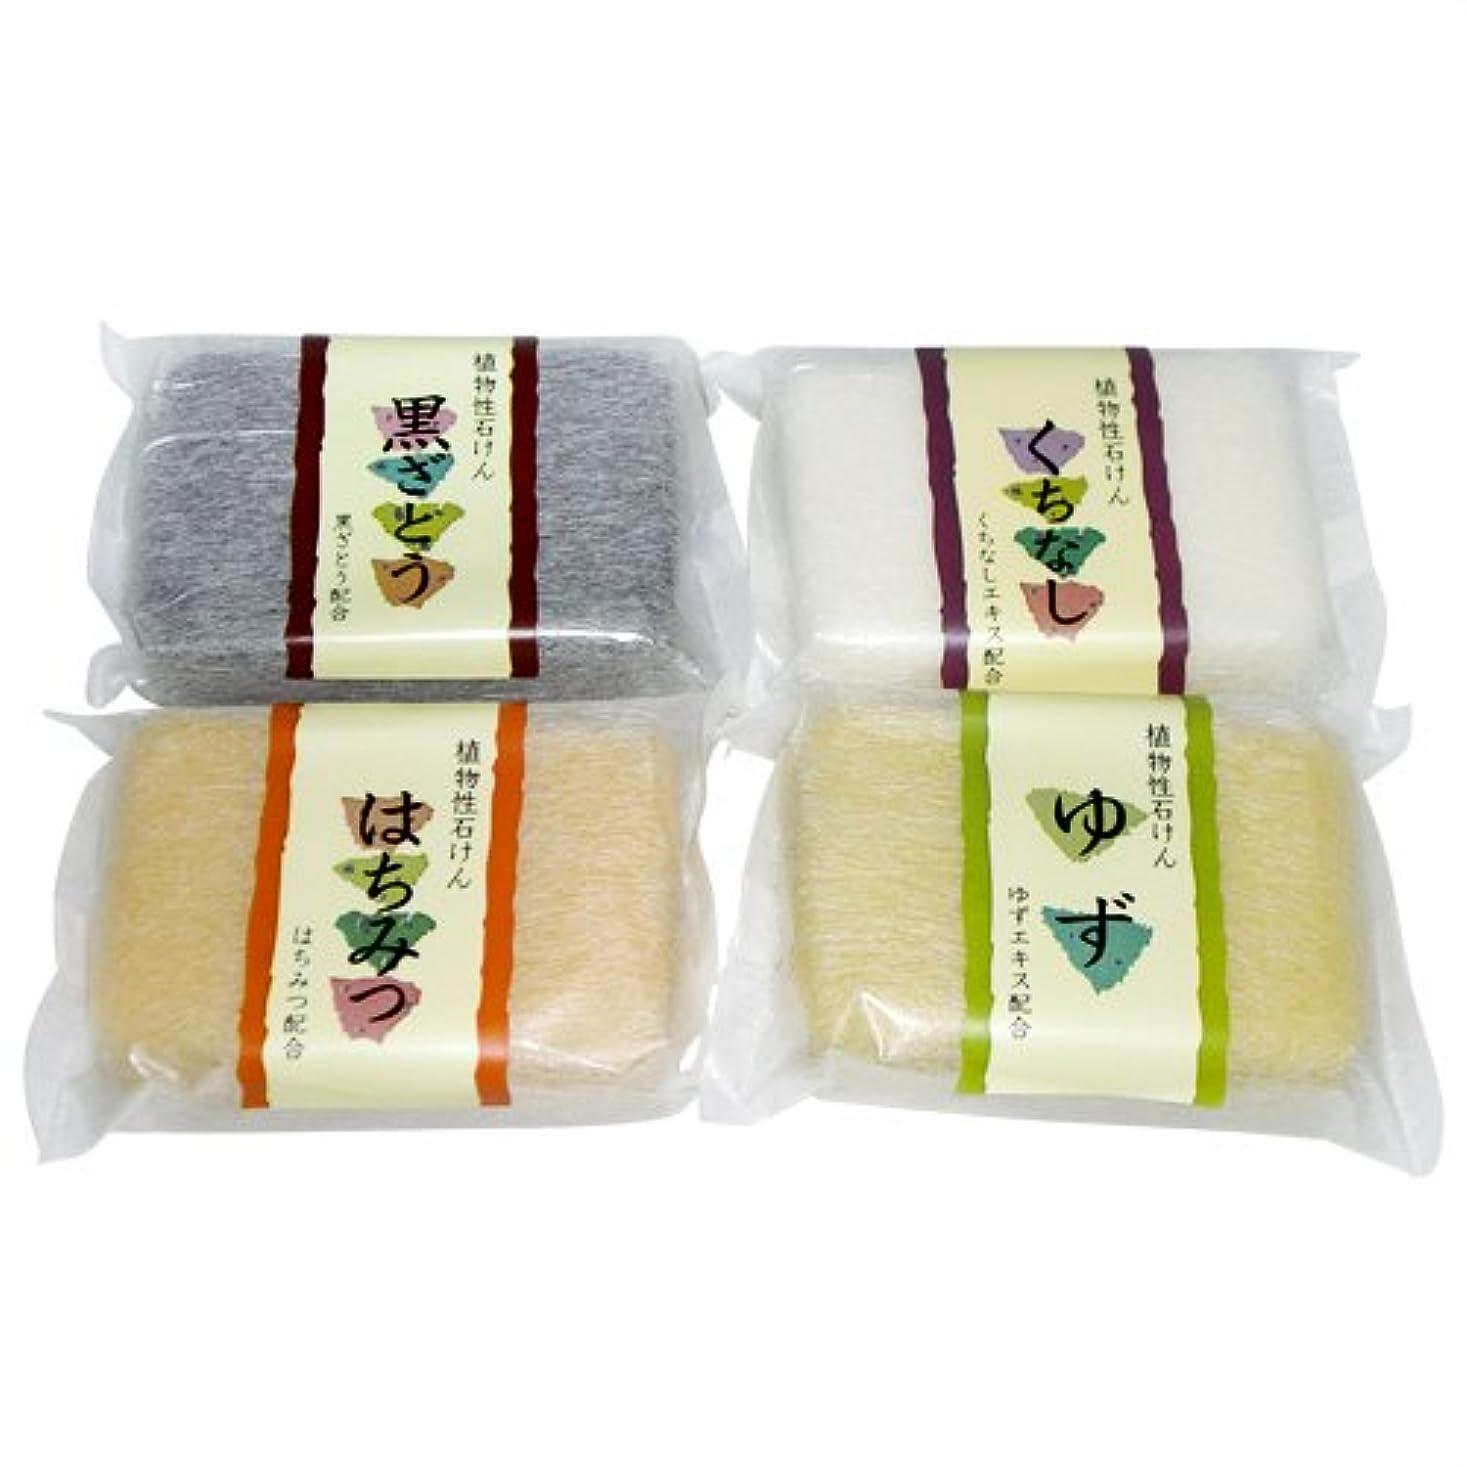 恵みペリスコープ太い植物性ソープ 自然石けん (80g) 種類おまかせ 2個セット